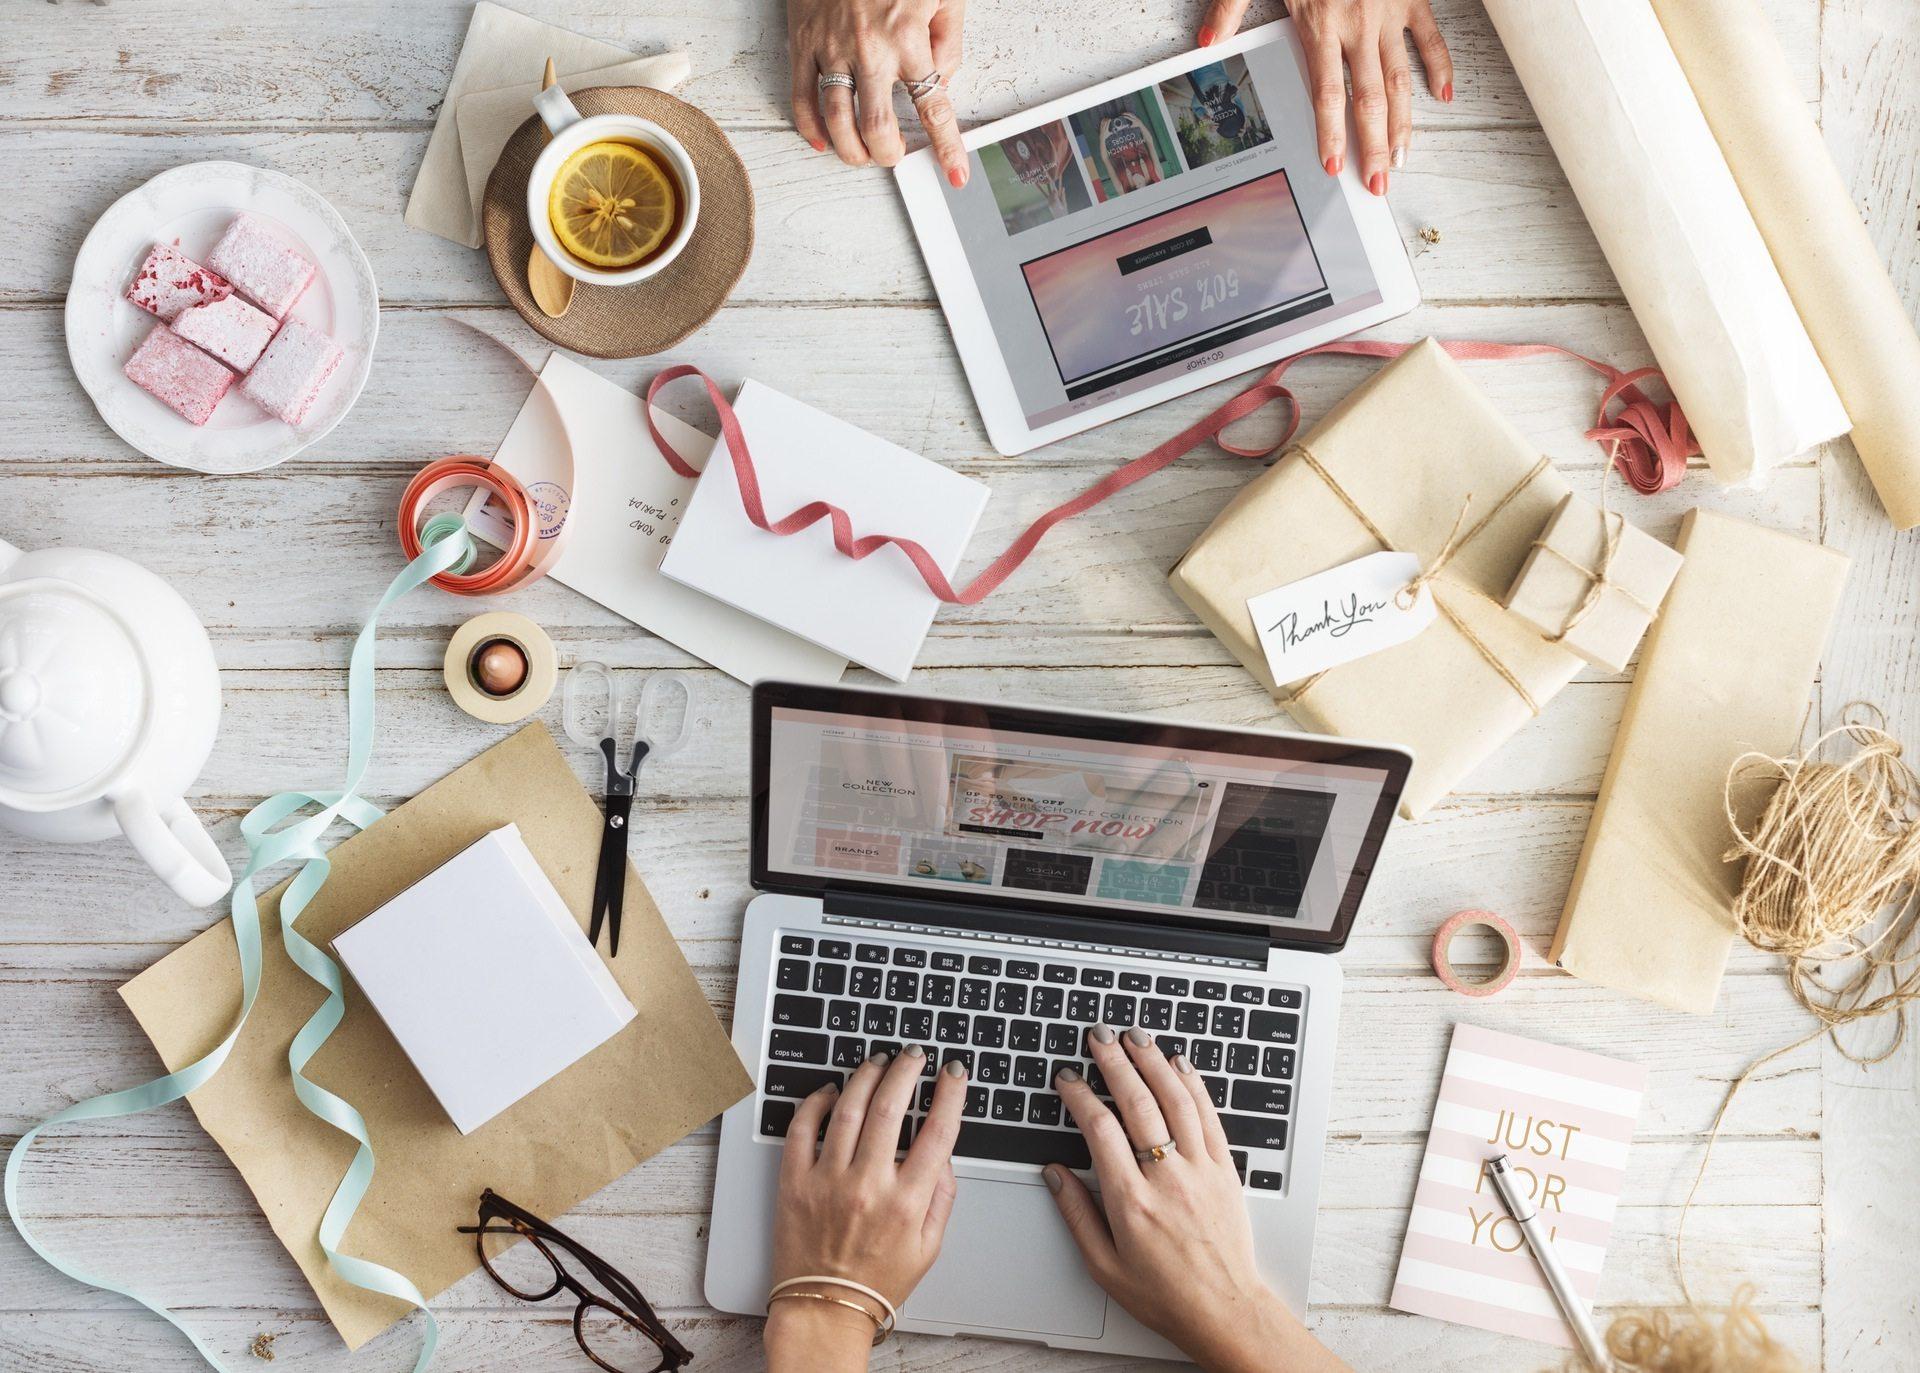 מה ההבדל בין אתר אינטרנט לבין שם דומיין?